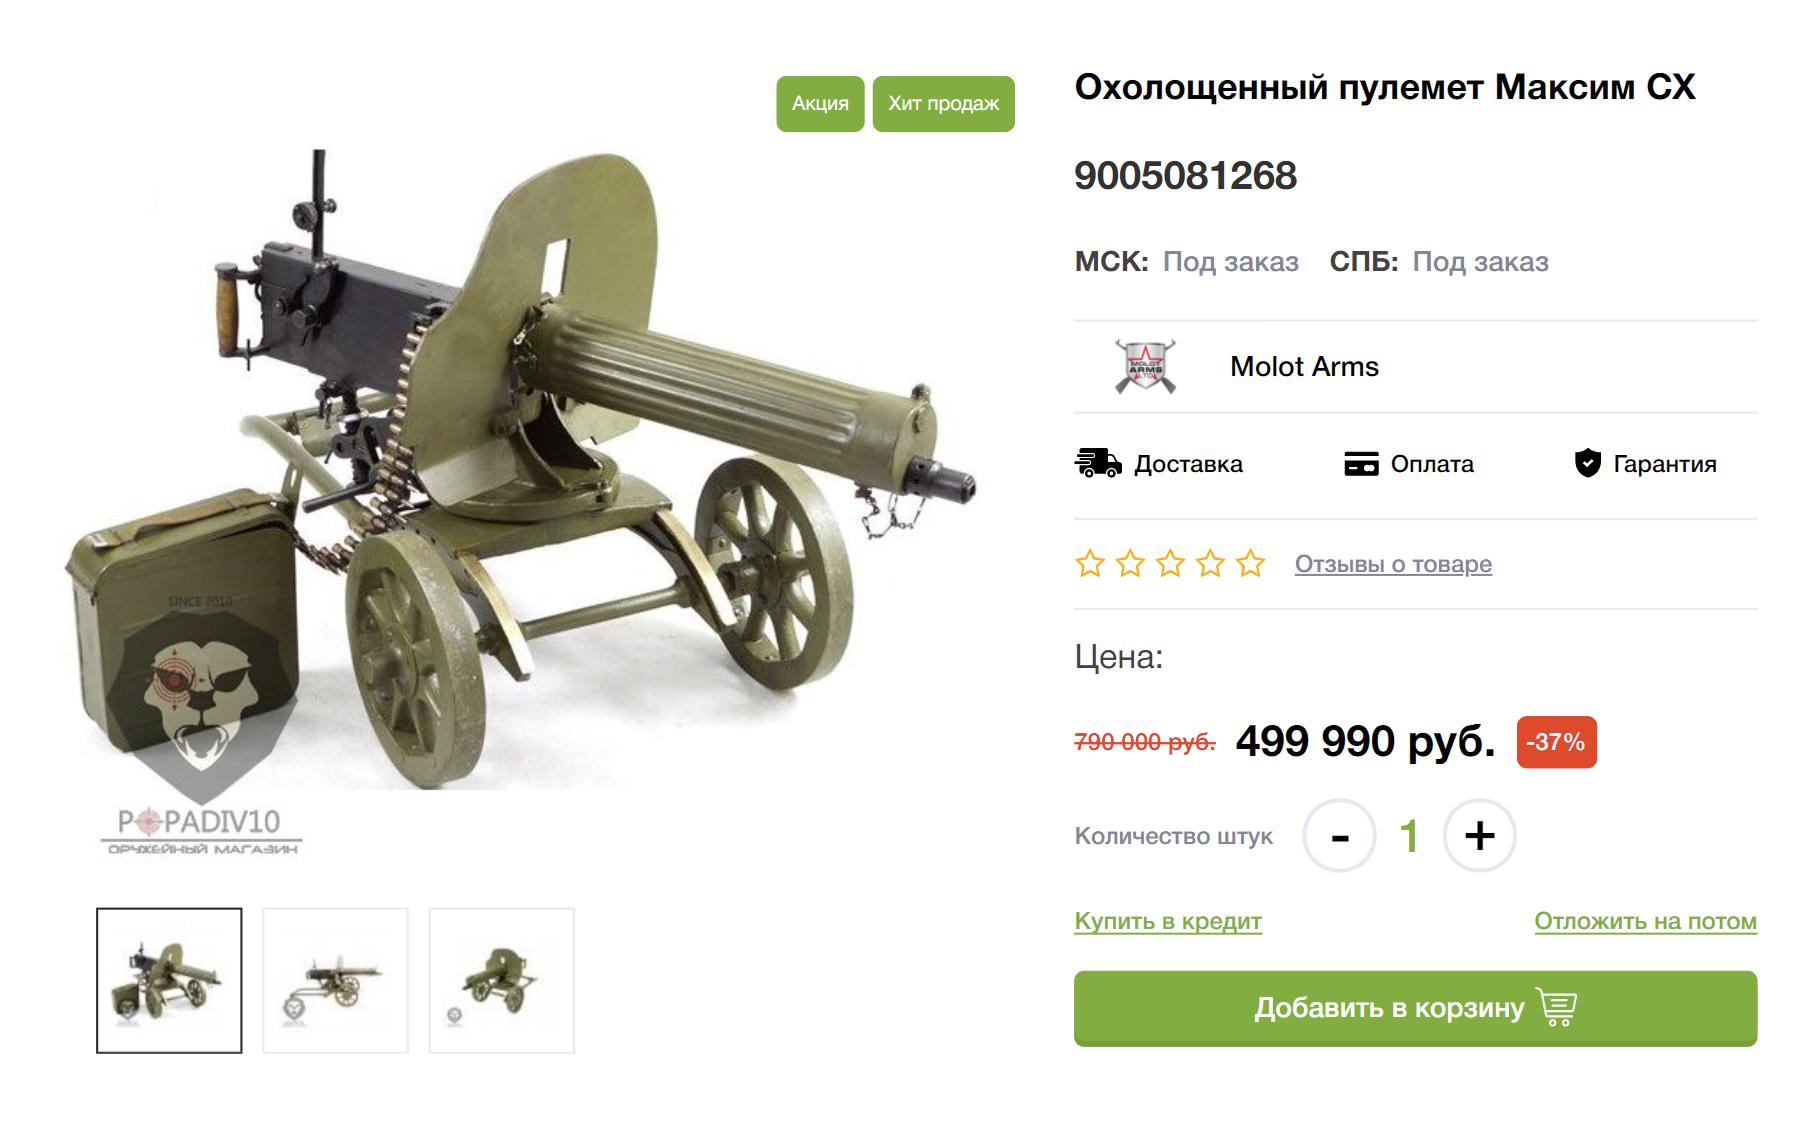 А пулемет «Максим» — почти полмиллиона рублей. Его обычно приобретают коллекционеры — многие экземпляры вполне могли участвовать в боевых действиях